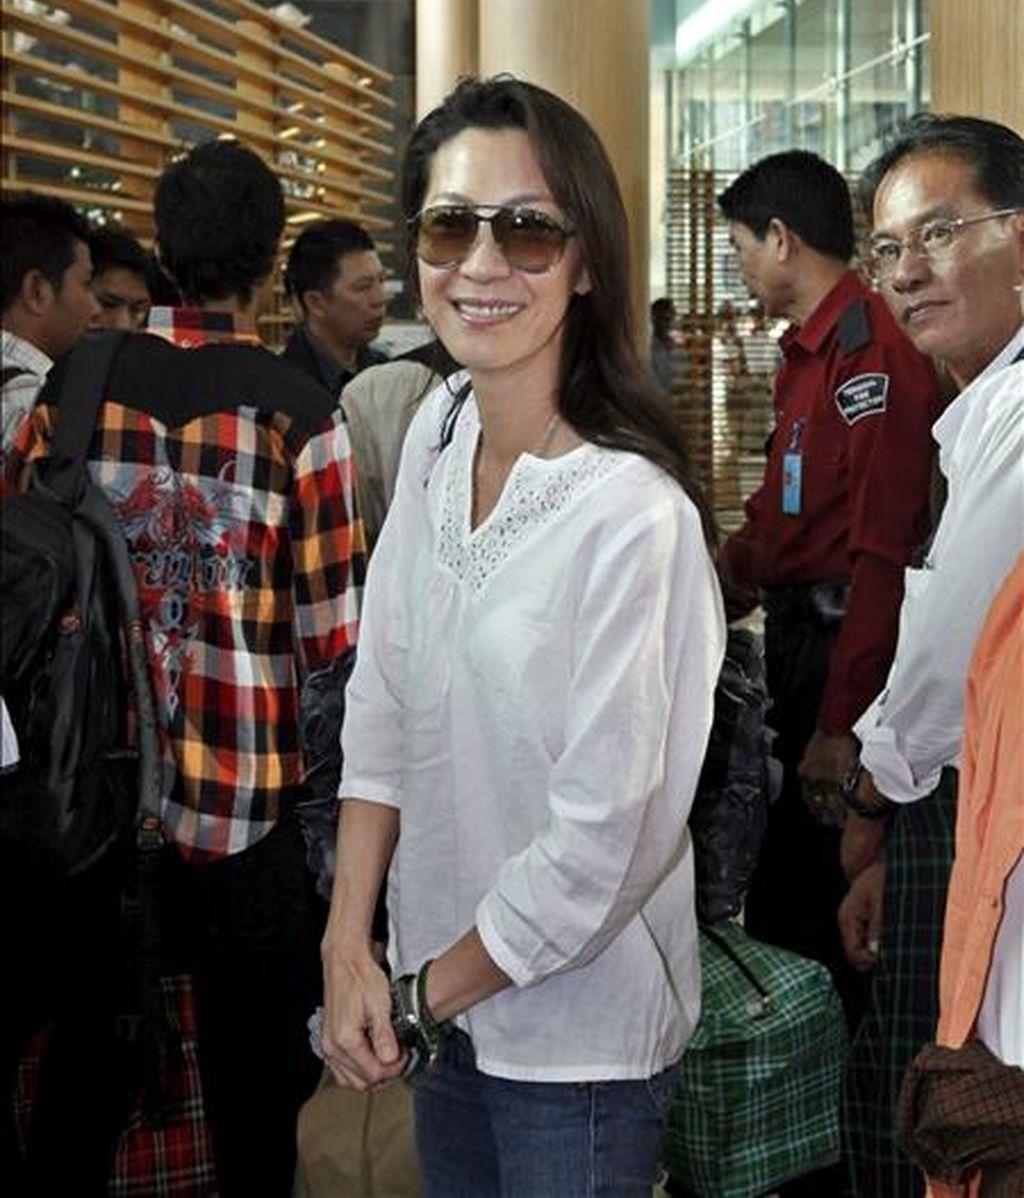 La actriz de origen malasio Michelle Yeoh hoy en el aeropuerto internacional de Rangún, Myanmar (Birmania), antes de abandonar el país. Michelle Yeoh pasó un día con la activista y Premio Nobel birmana Aung San Suu Kiy para preparar su personaje en la película que se esta preparando y que trata de la activista birmana, según afirmó el jefe de seguridad de Suu Kyi, Win Htein. EFE